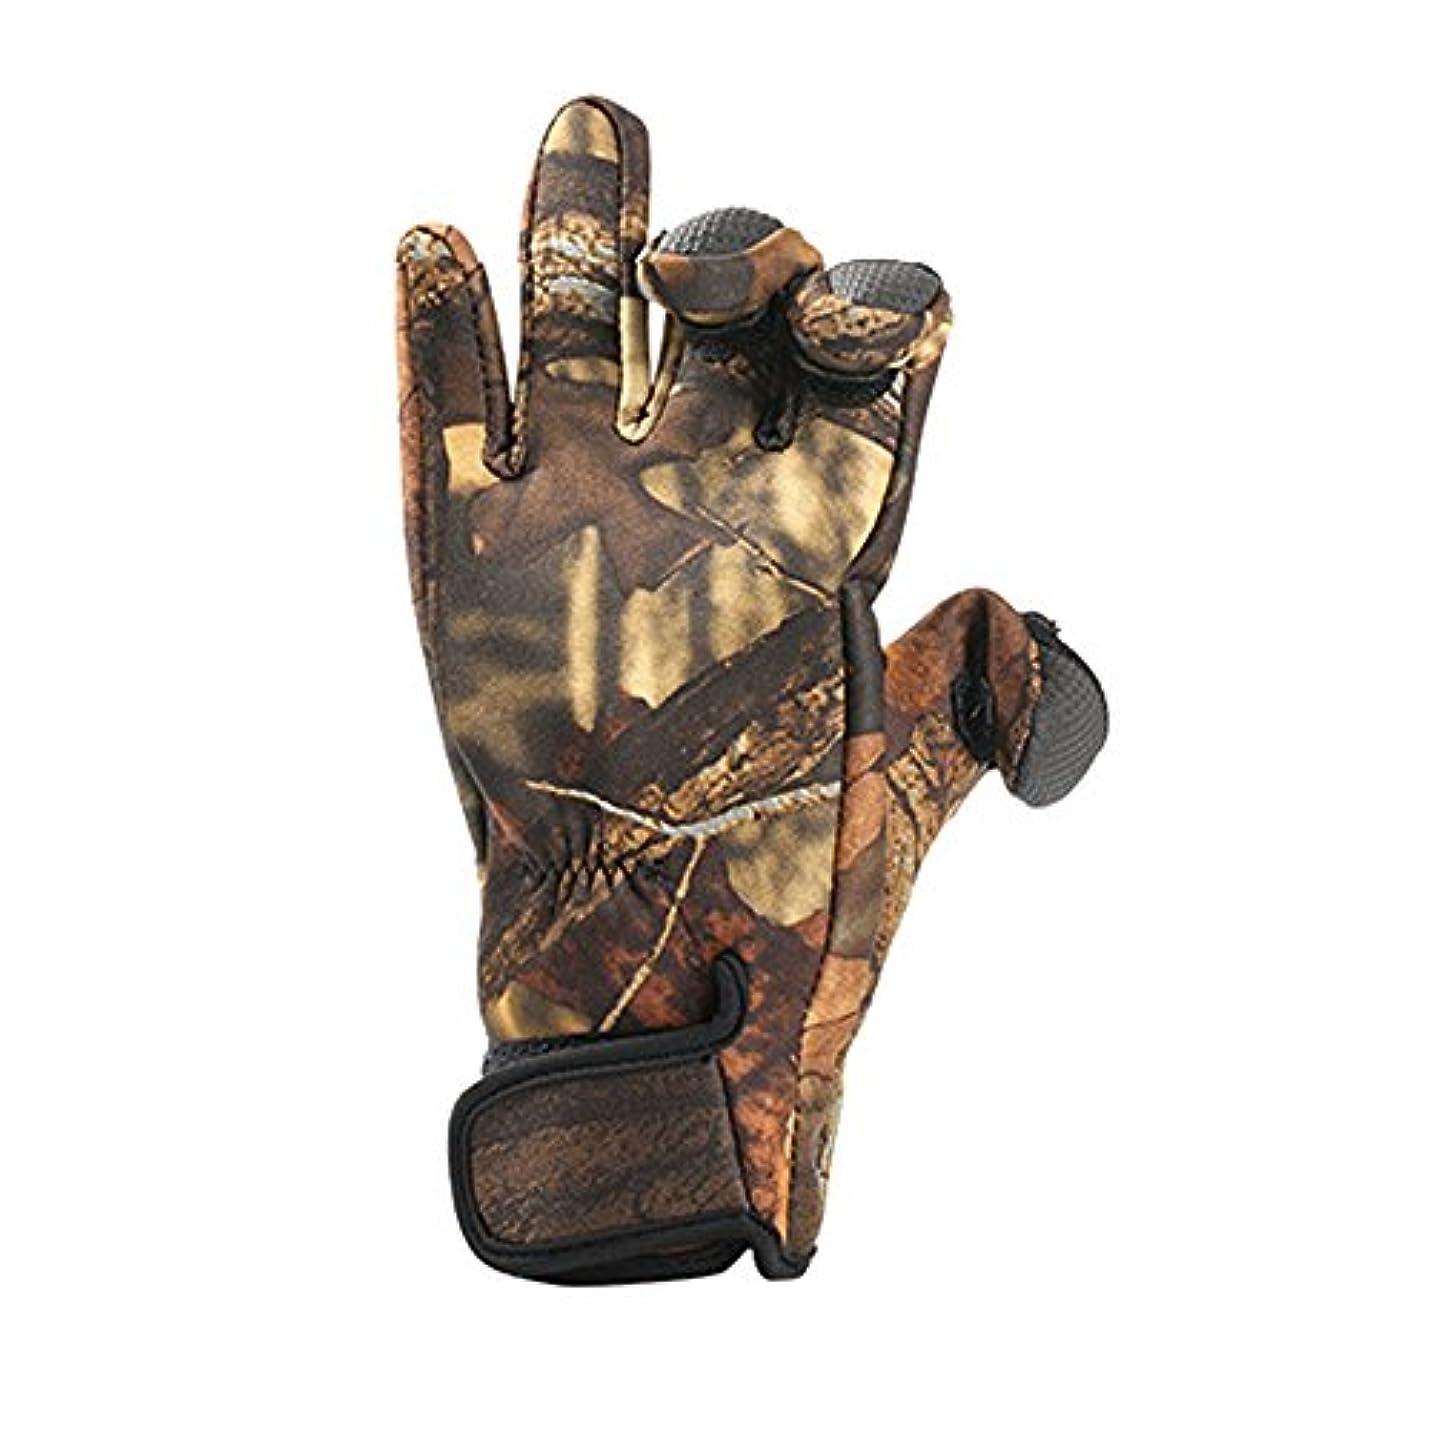 直径用語集欲しいですAuntwhale 冬のダイビング釣り手袋 防水アンチスリップ 暖かい防風屋外狩猟ハイキング 贈り物 ( 1ペア )